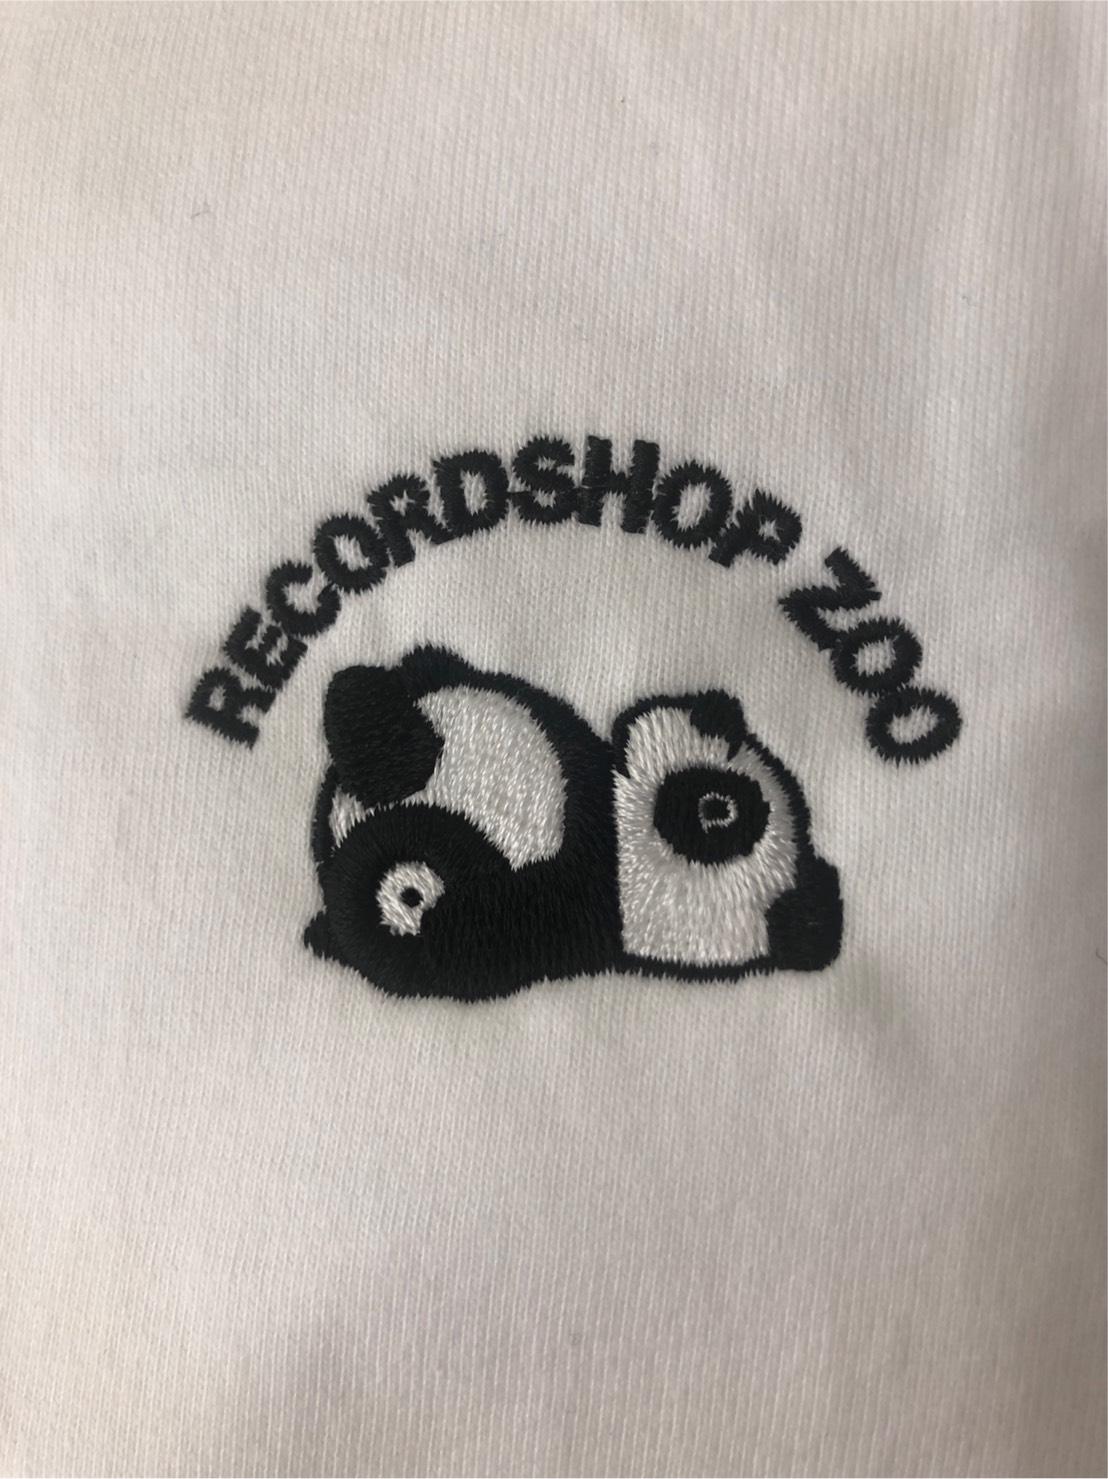 限定!ZOOパンダロゴTシャツ